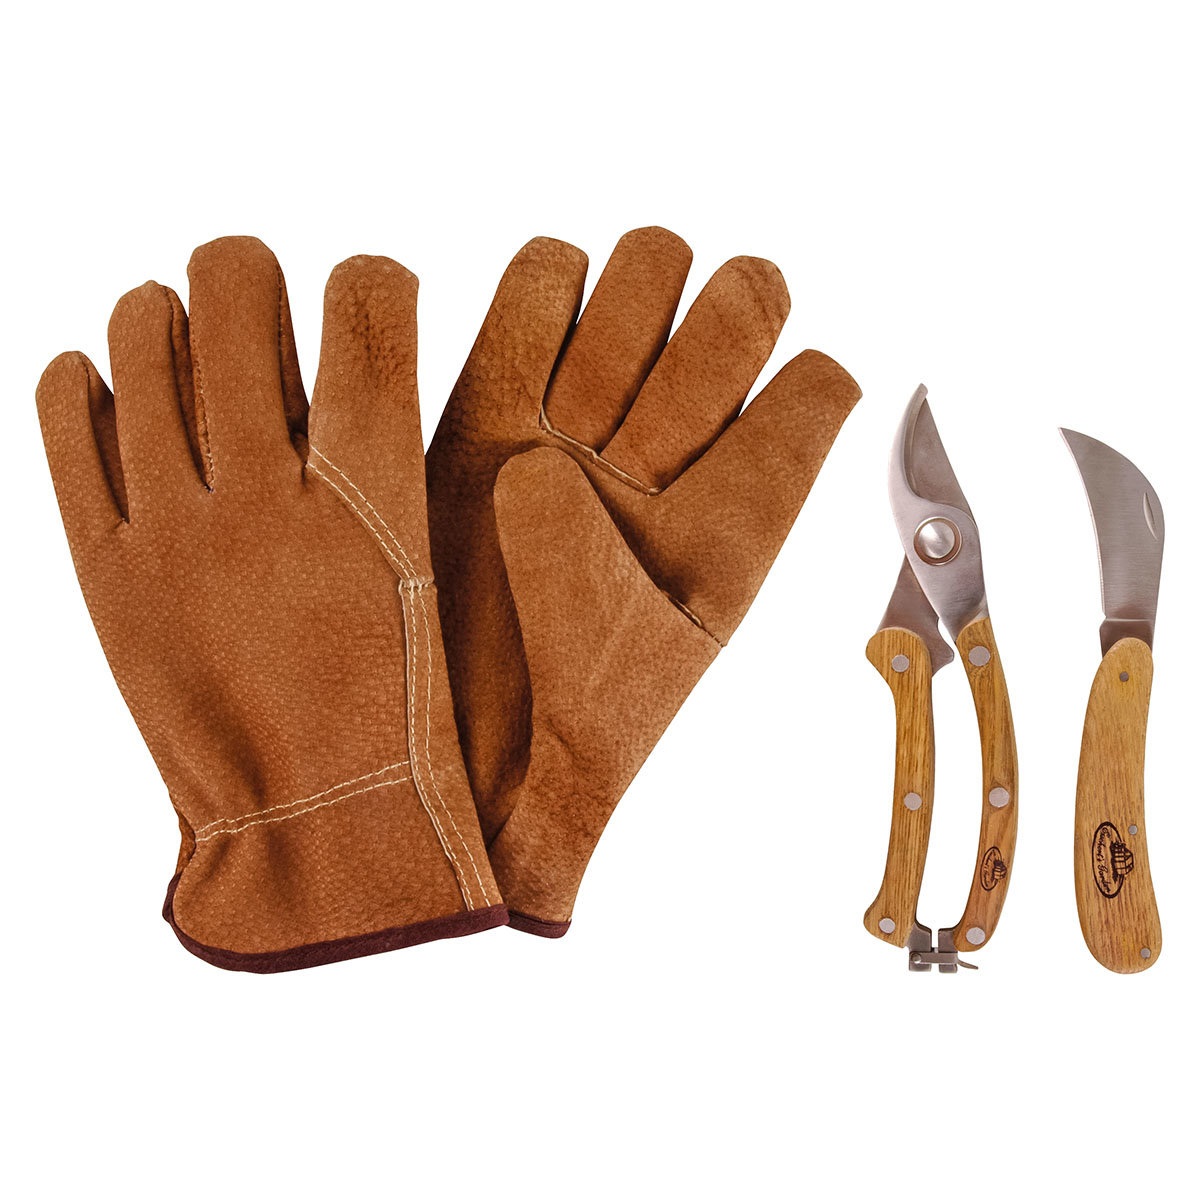 Gartenwerkzeug-Set, Schlossgärtner, Eschenholzgriff, Edelstahl, mit Lederhandschuhen